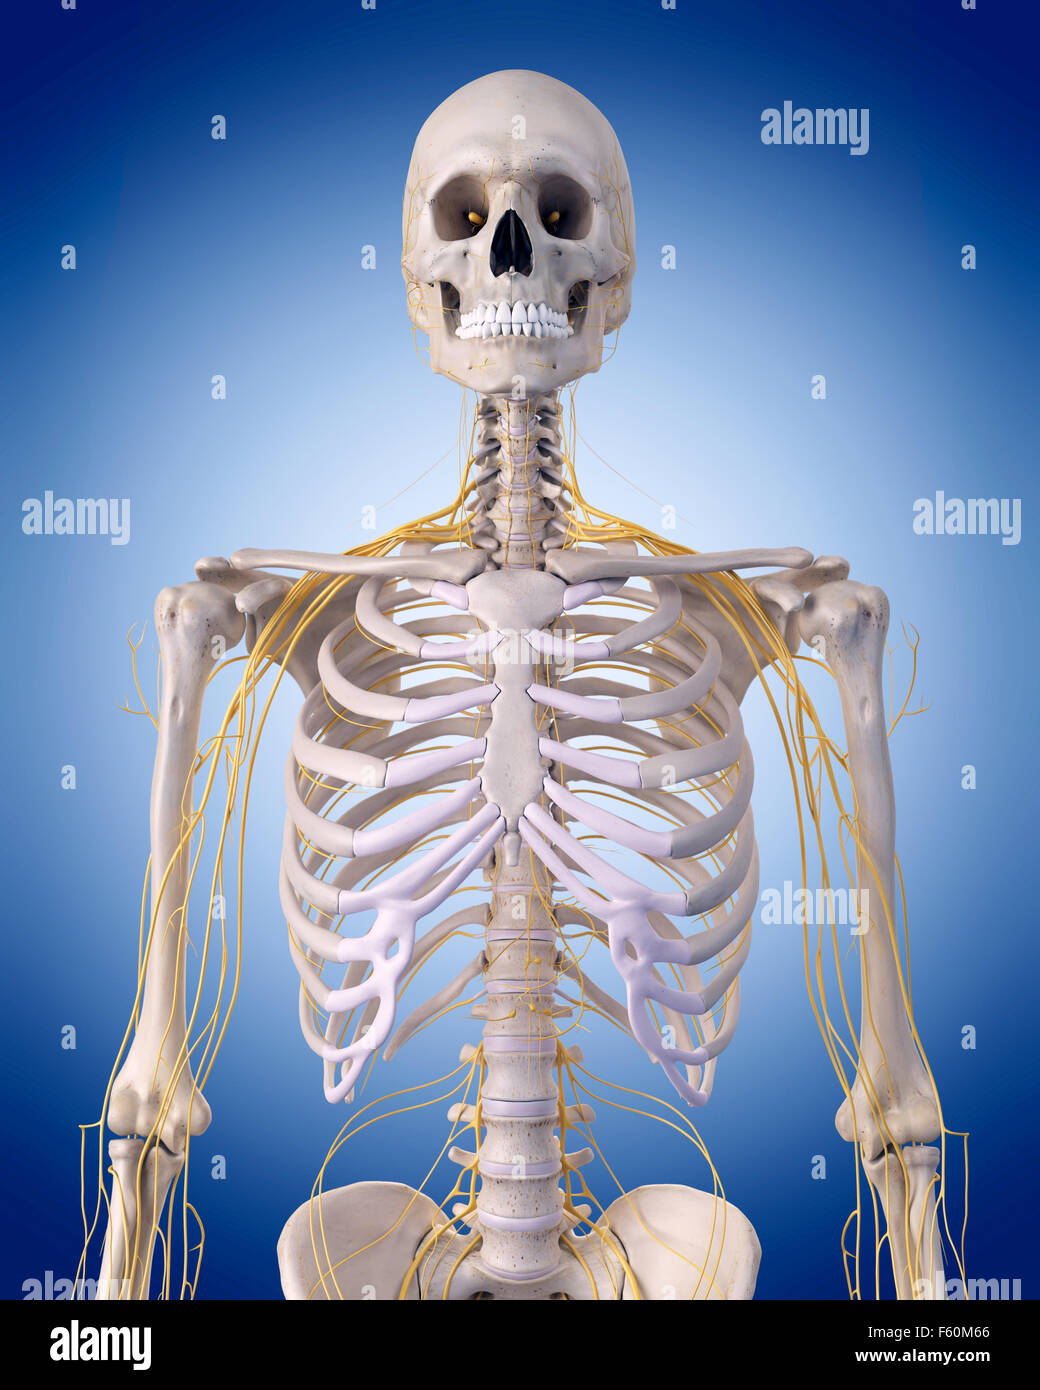 Dal punto di vista medico illustrazione accurata - i nervi della parte superiore della scocca Immagini Stock